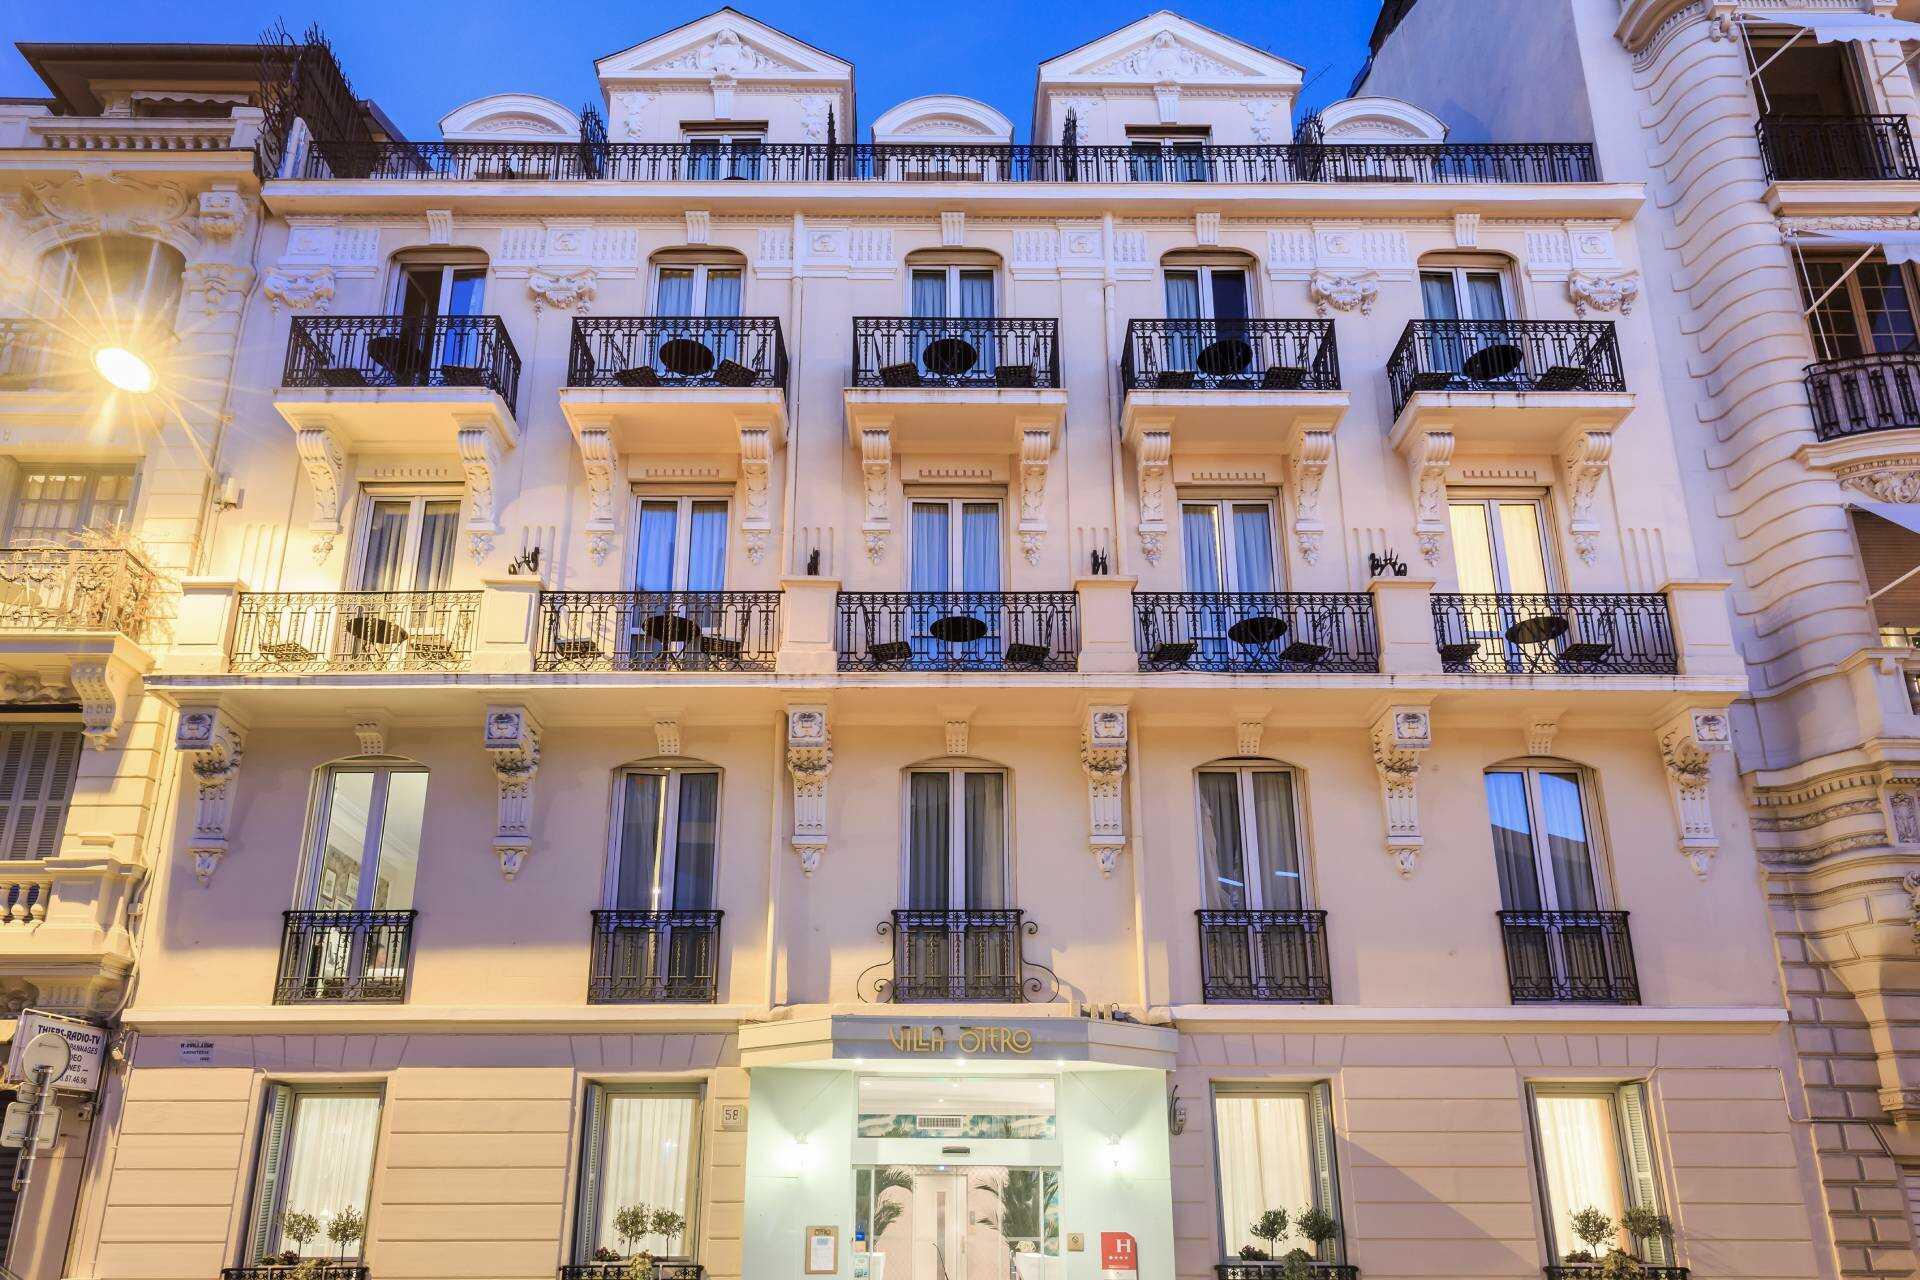 facade_villa_otero_by_happyculture.jpg